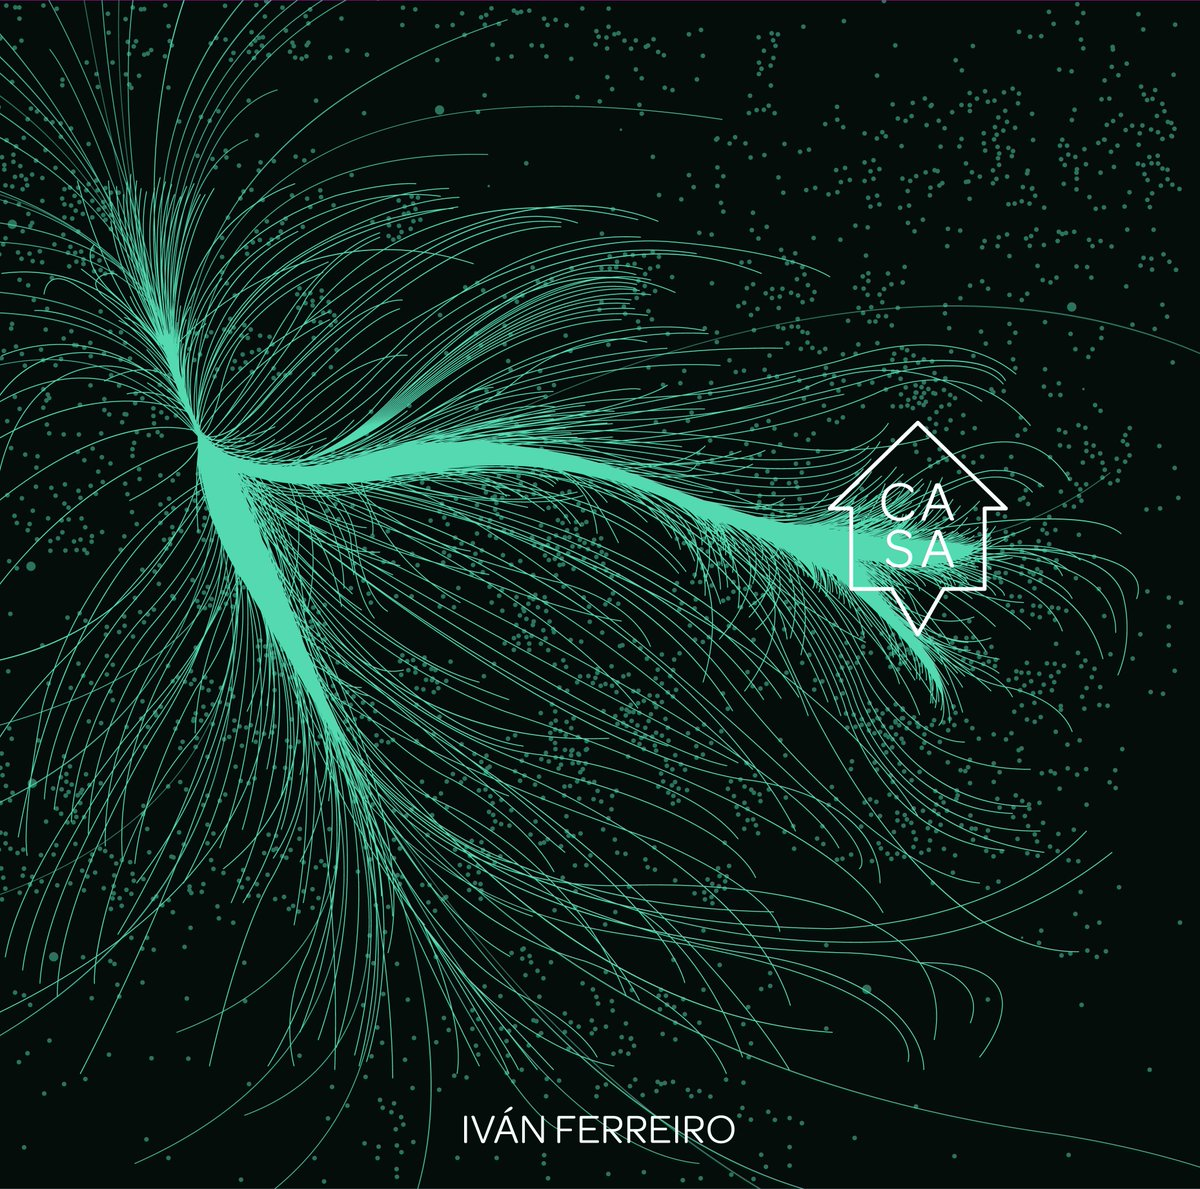 Esta será la portada de Casa. Una imagen de Laniakea, el cumulo de galaxias en el que está la via lactea https://t.co/d6XmQDyRTa